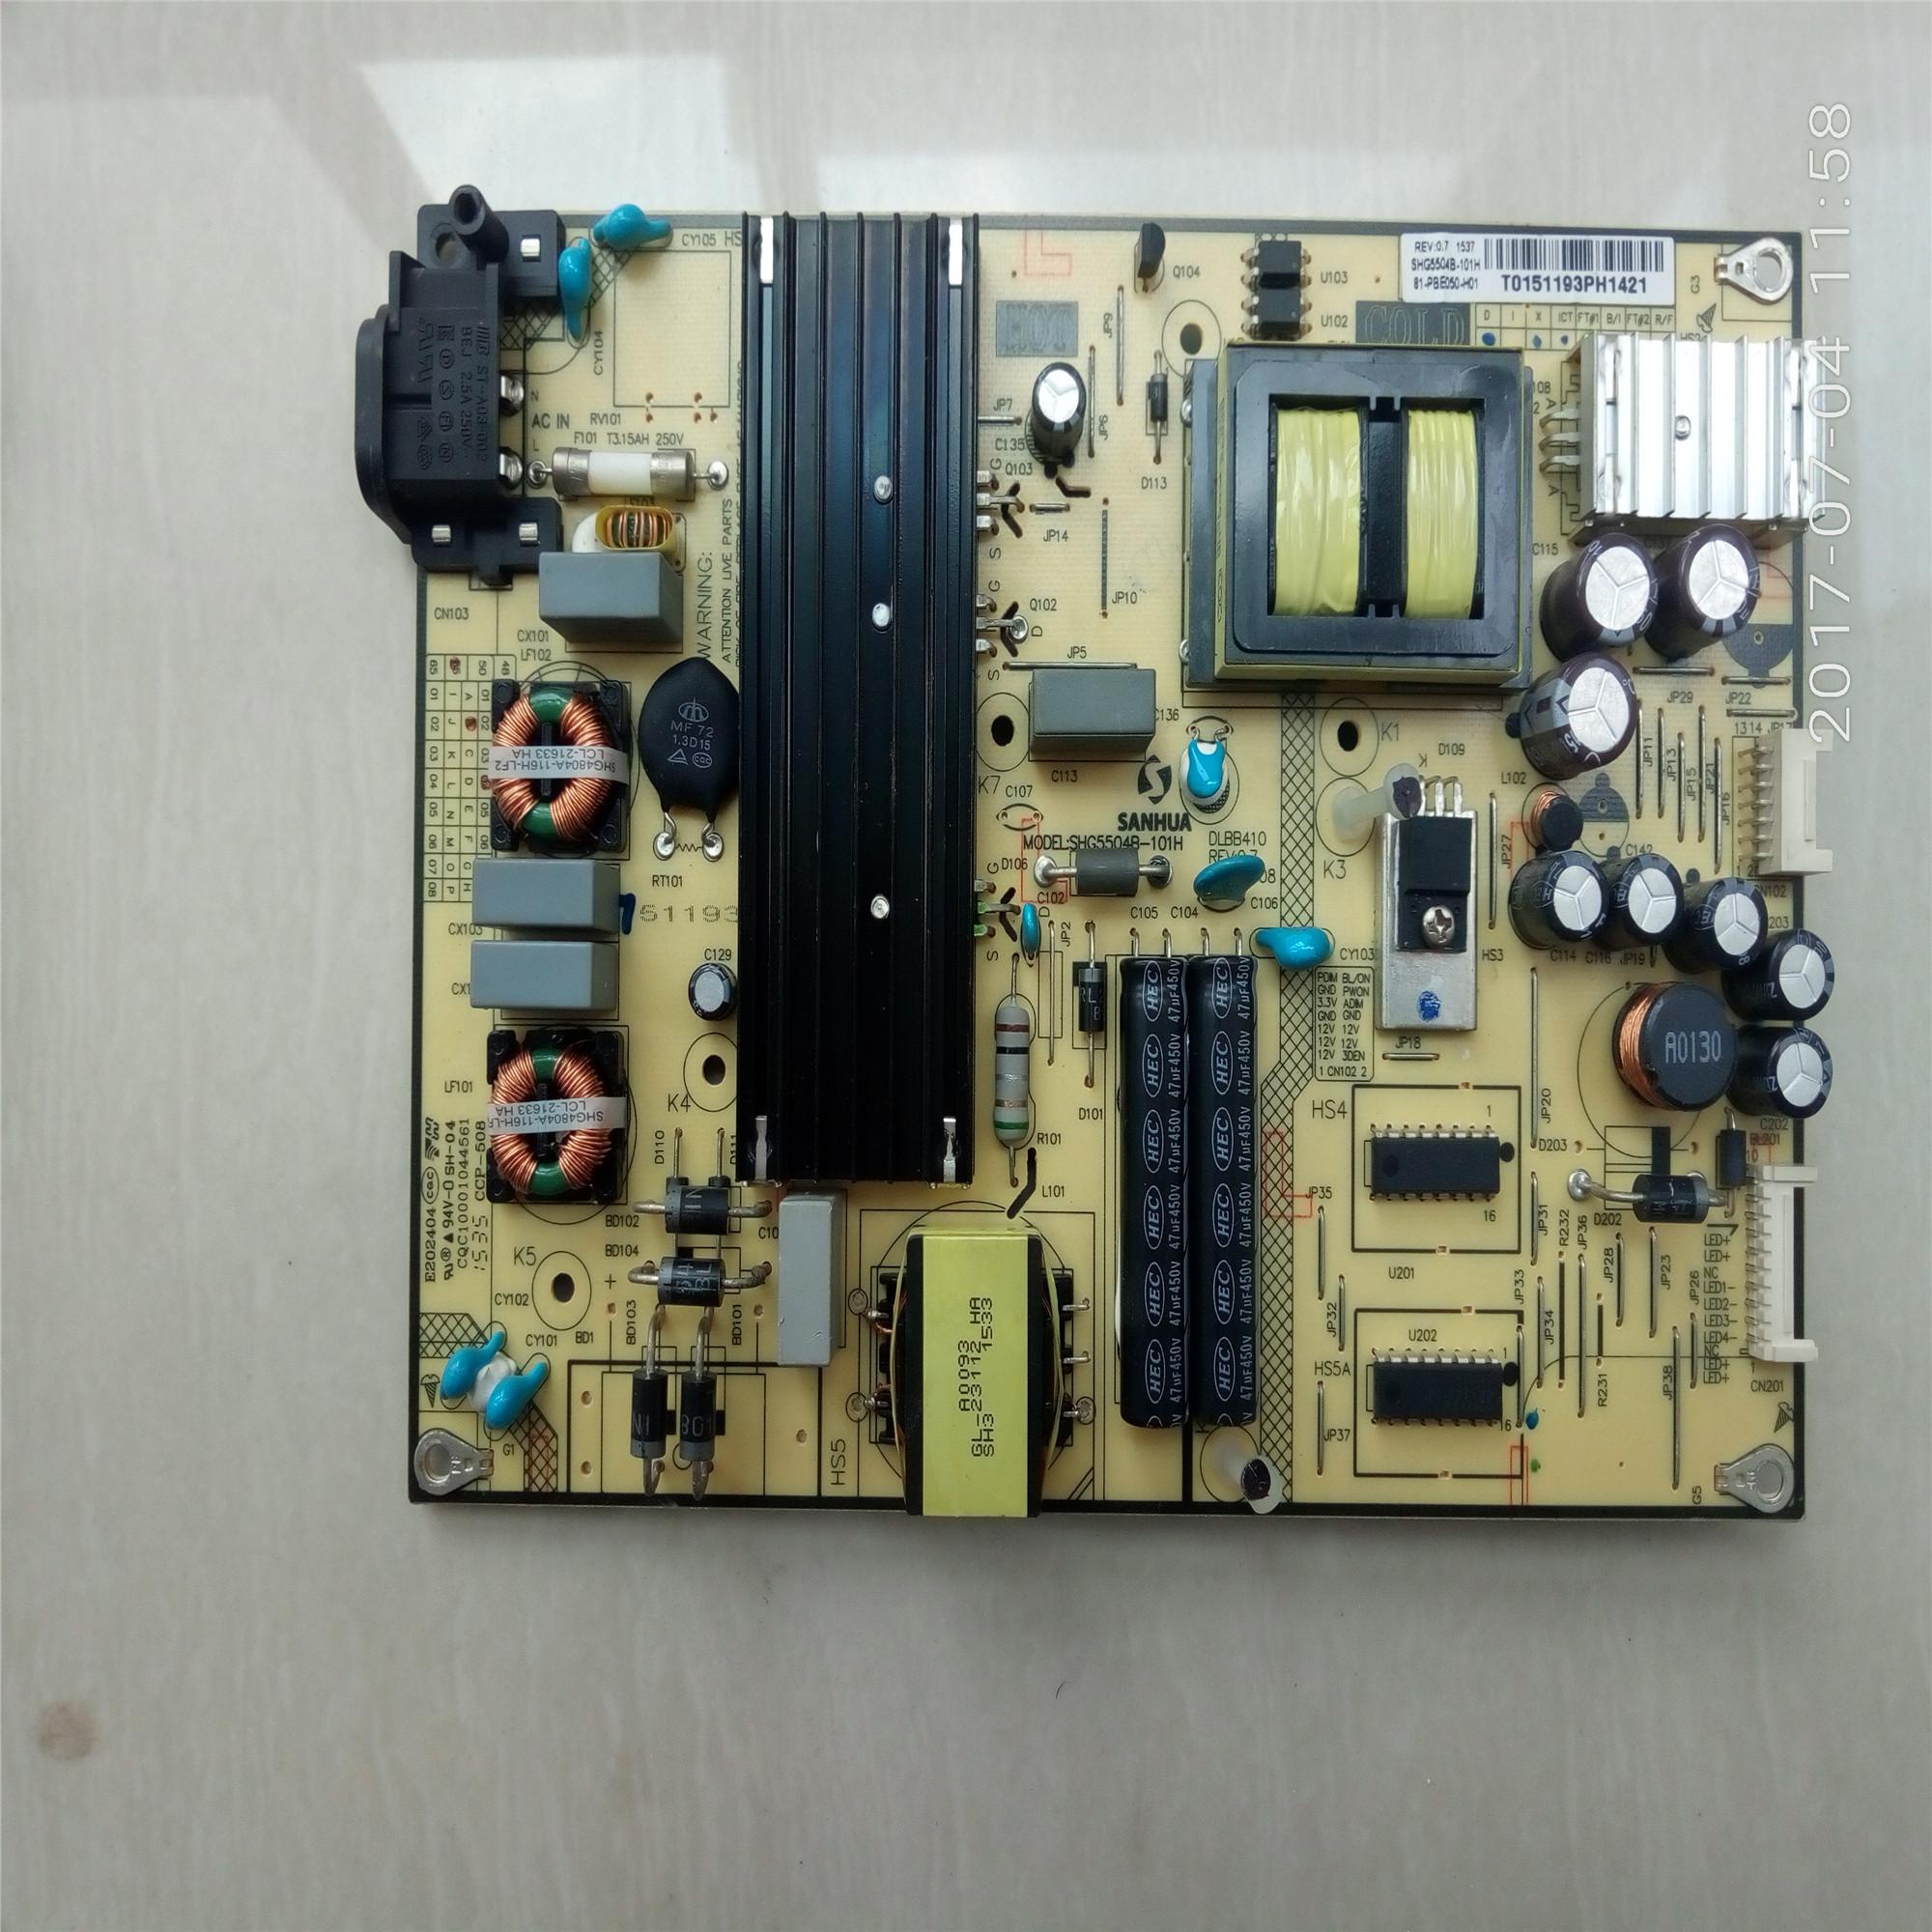 TCLD55A71055 polegadas LCD TV LCD Placa de potência Da Placa - mãe. A Placa de alimentação de Alta tensão TC1575 litros